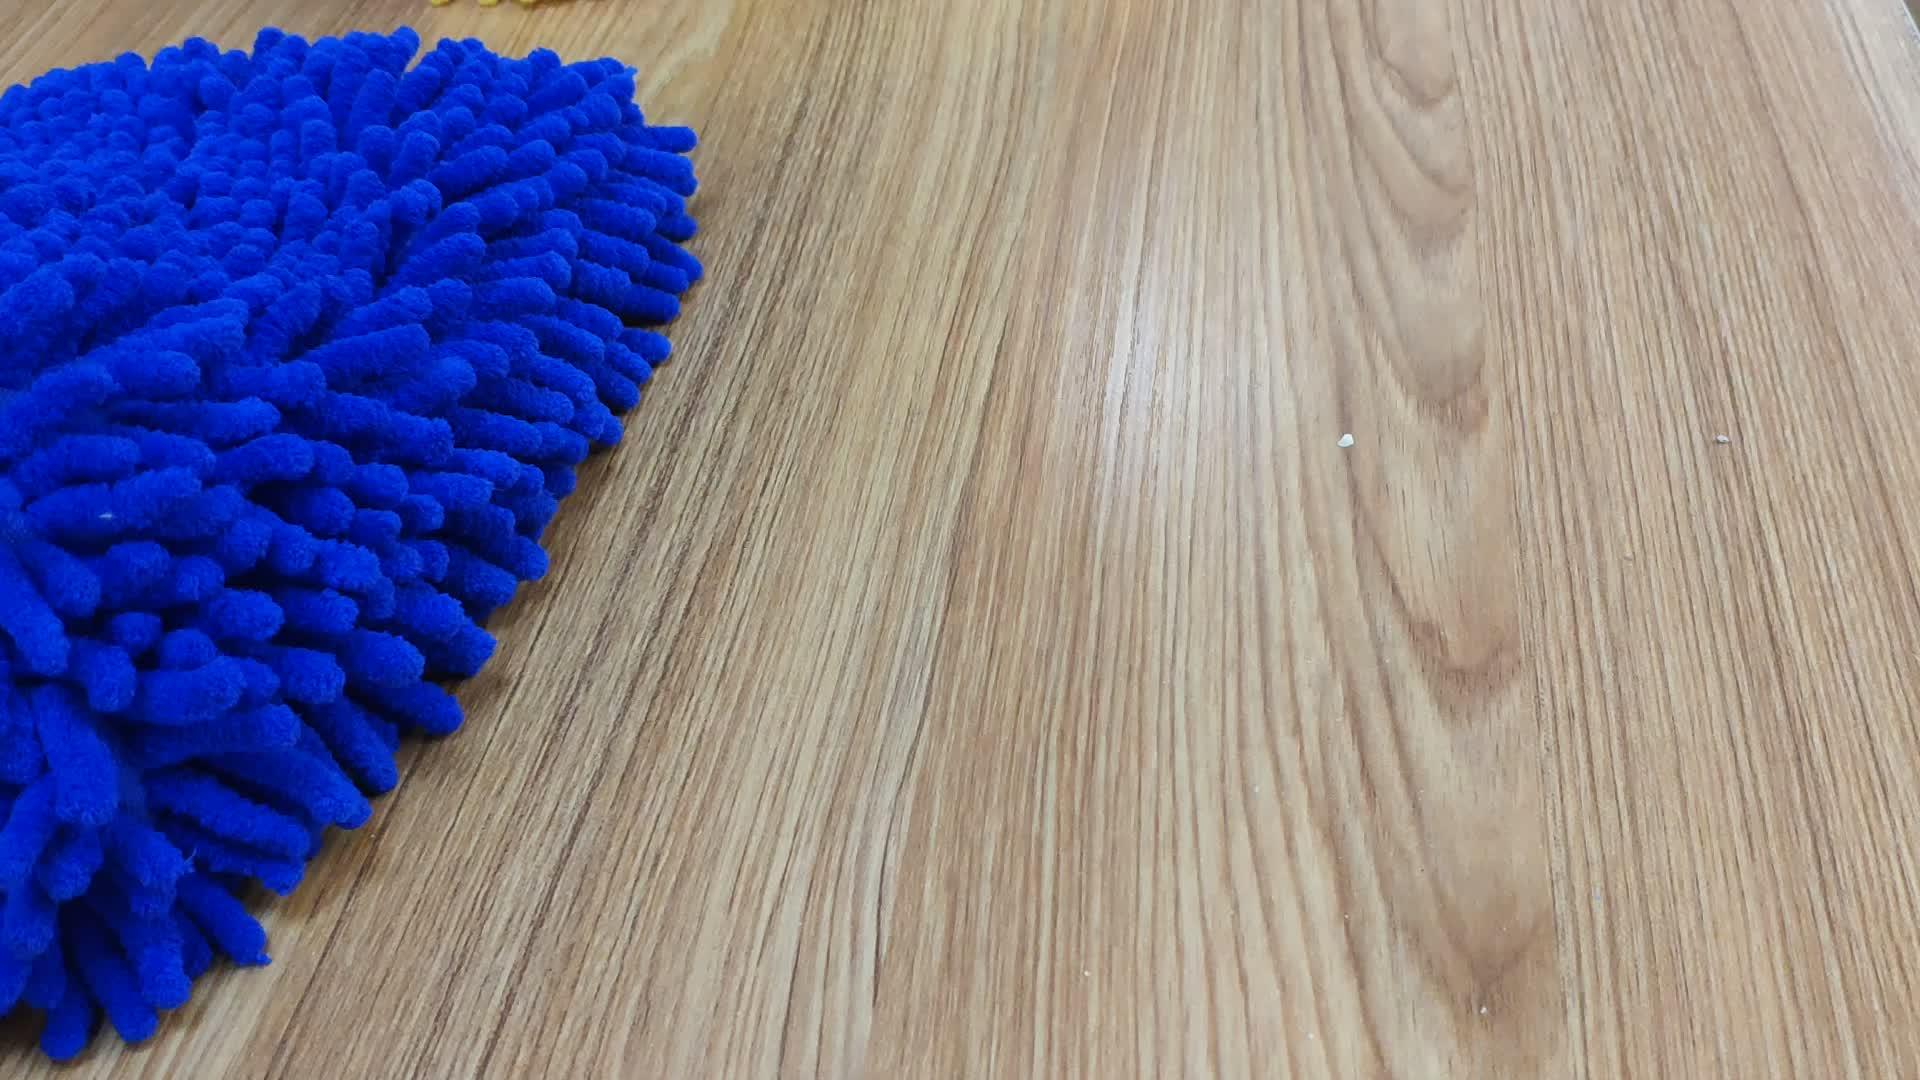 Khusus Microfiber Chenille Cuci Mobil Mitt/Microfiber Perawatan Mobil Sarung Tangan/Chenille Bersih Sarung Tangan Sarung Tangan